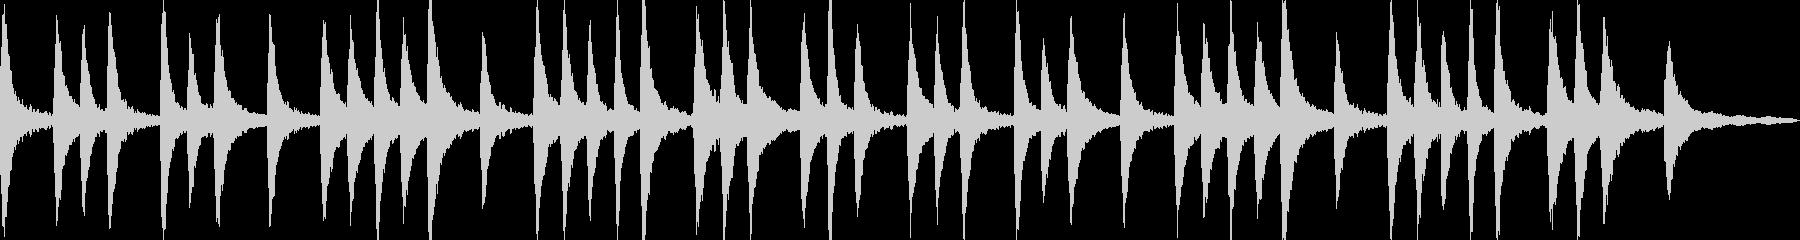 幻想的なピアノアンビエントの未再生の波形